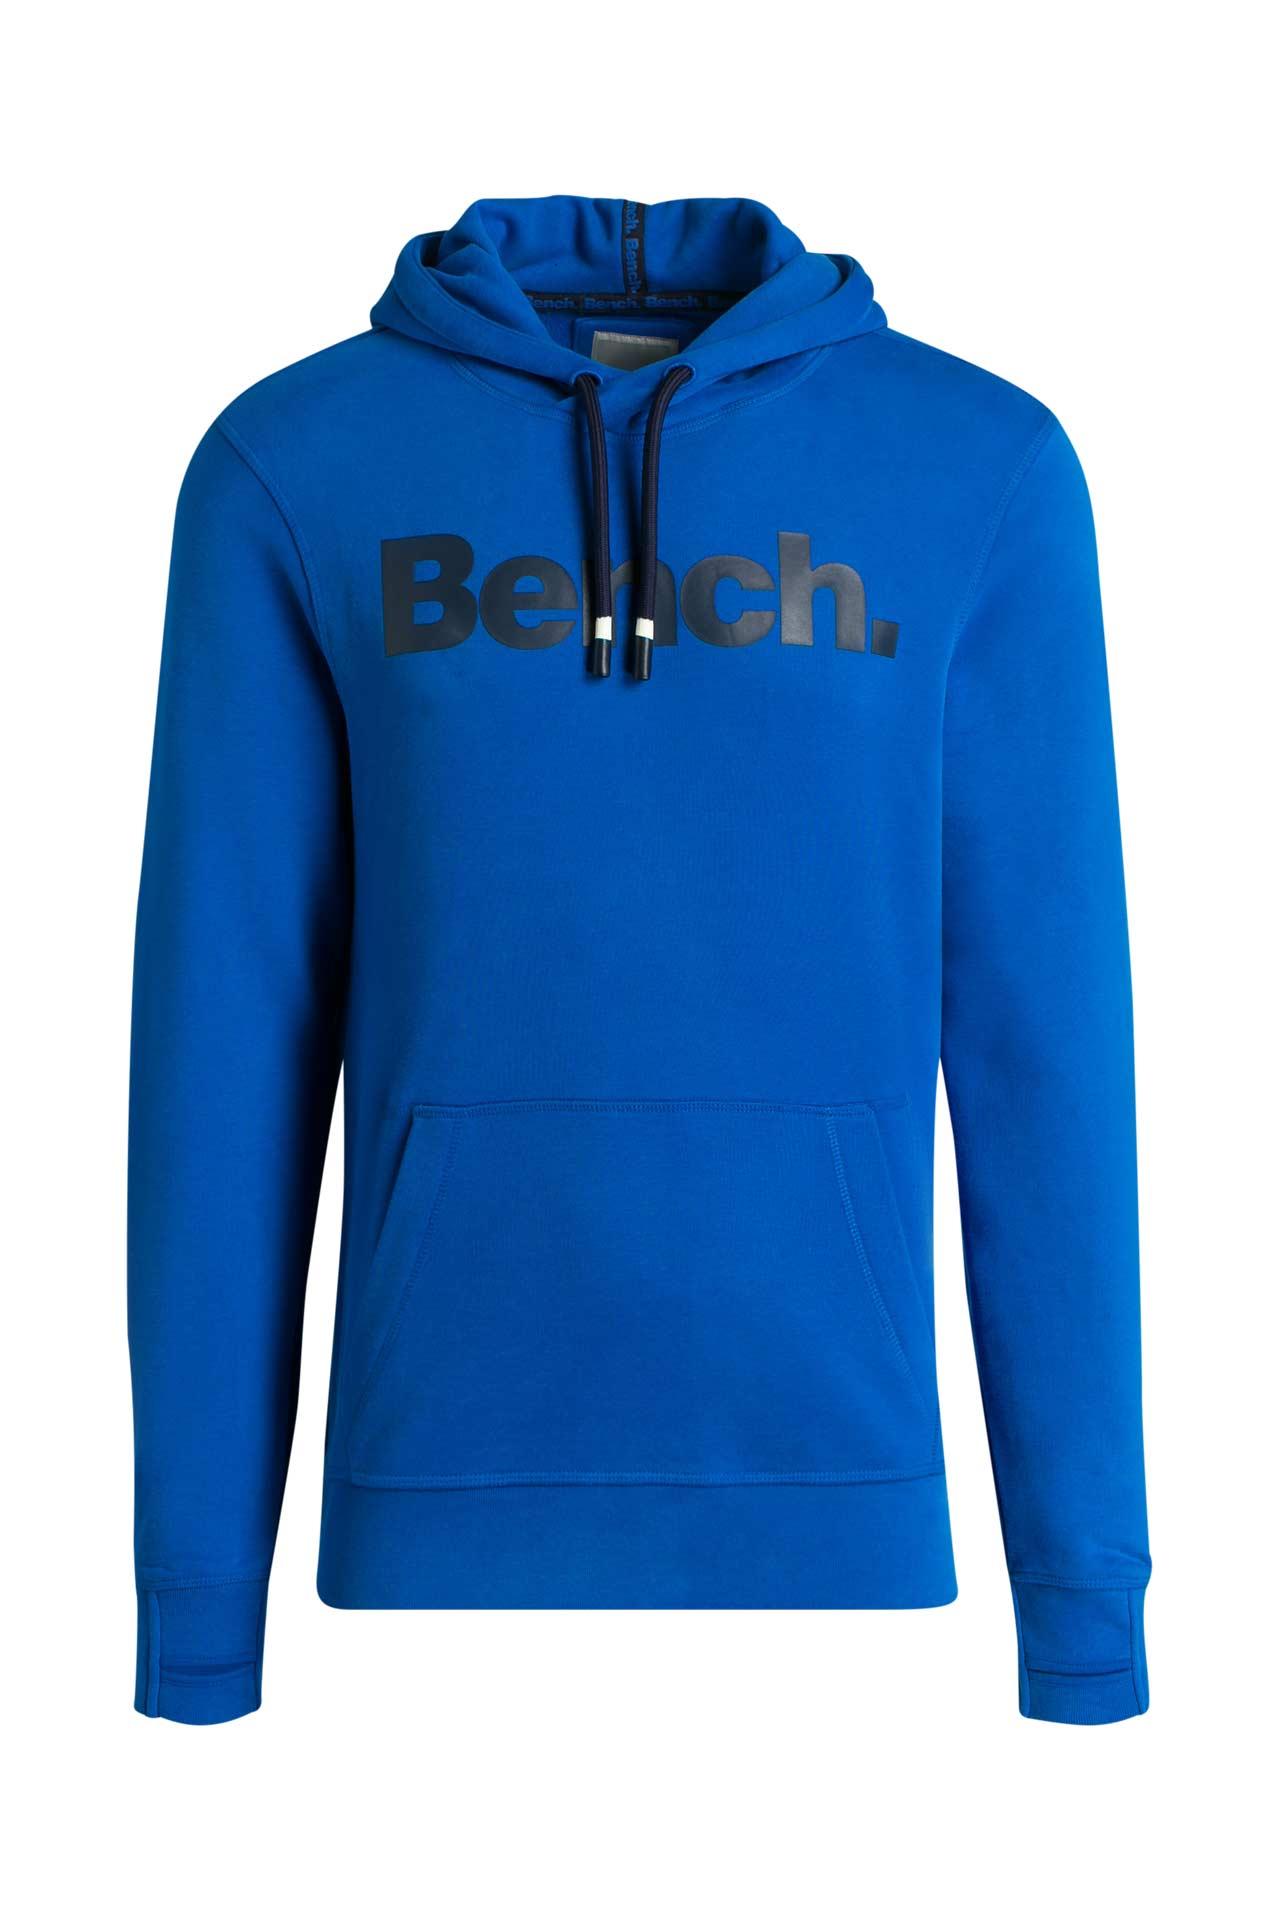 [Outletcity] Bench Hoody Sweater versch. Farben im Angebot